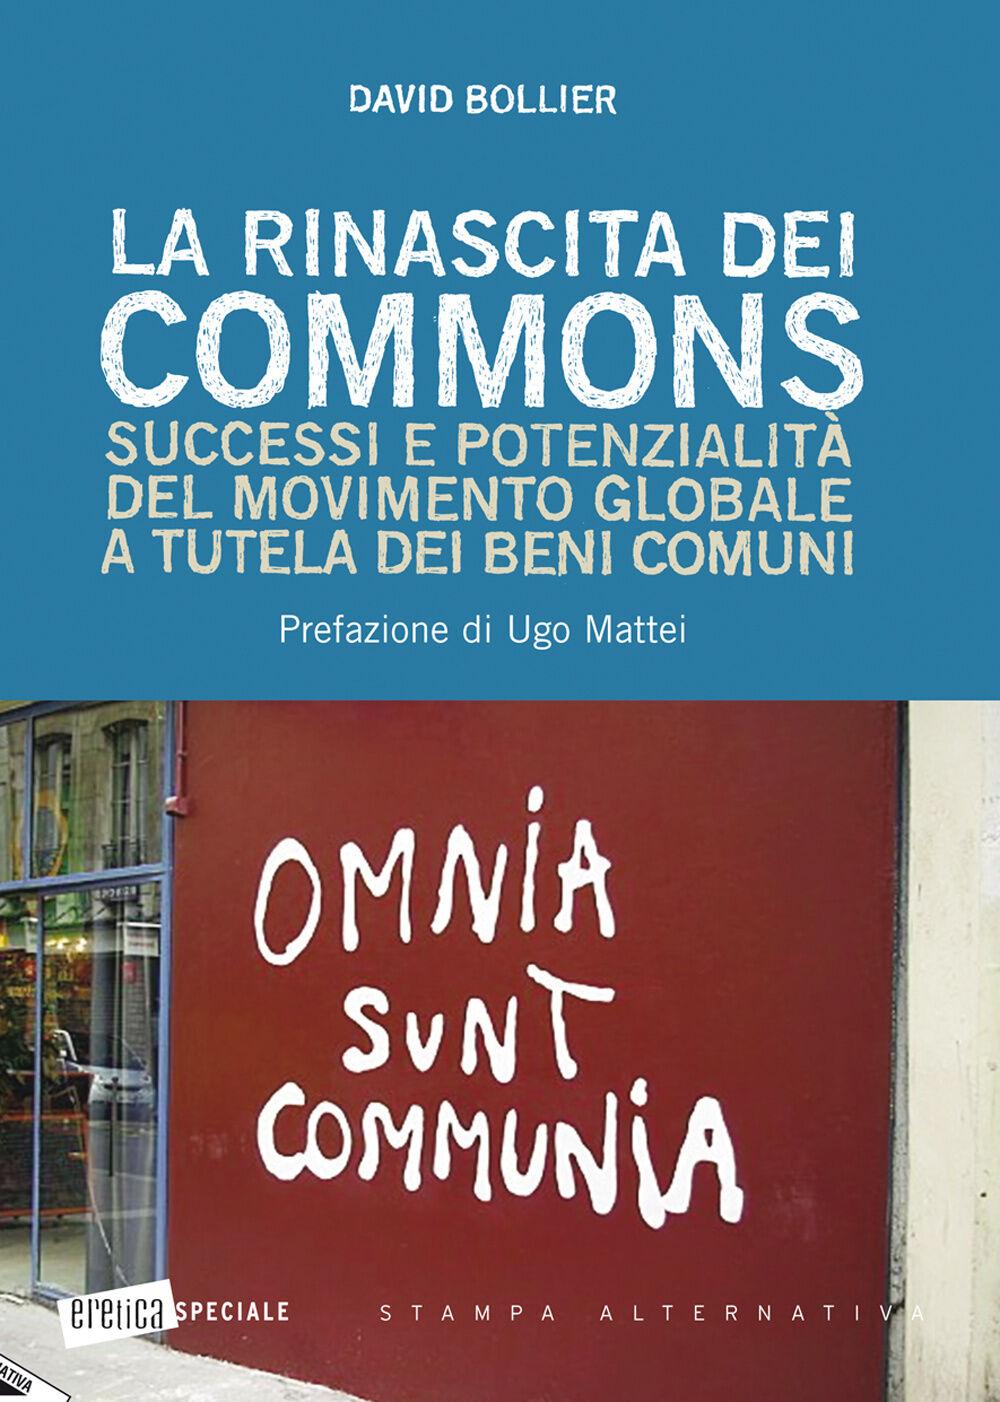 La rinascita dei Commons. Successi e potenzialità del movimento globale a tutela dei beni comuni